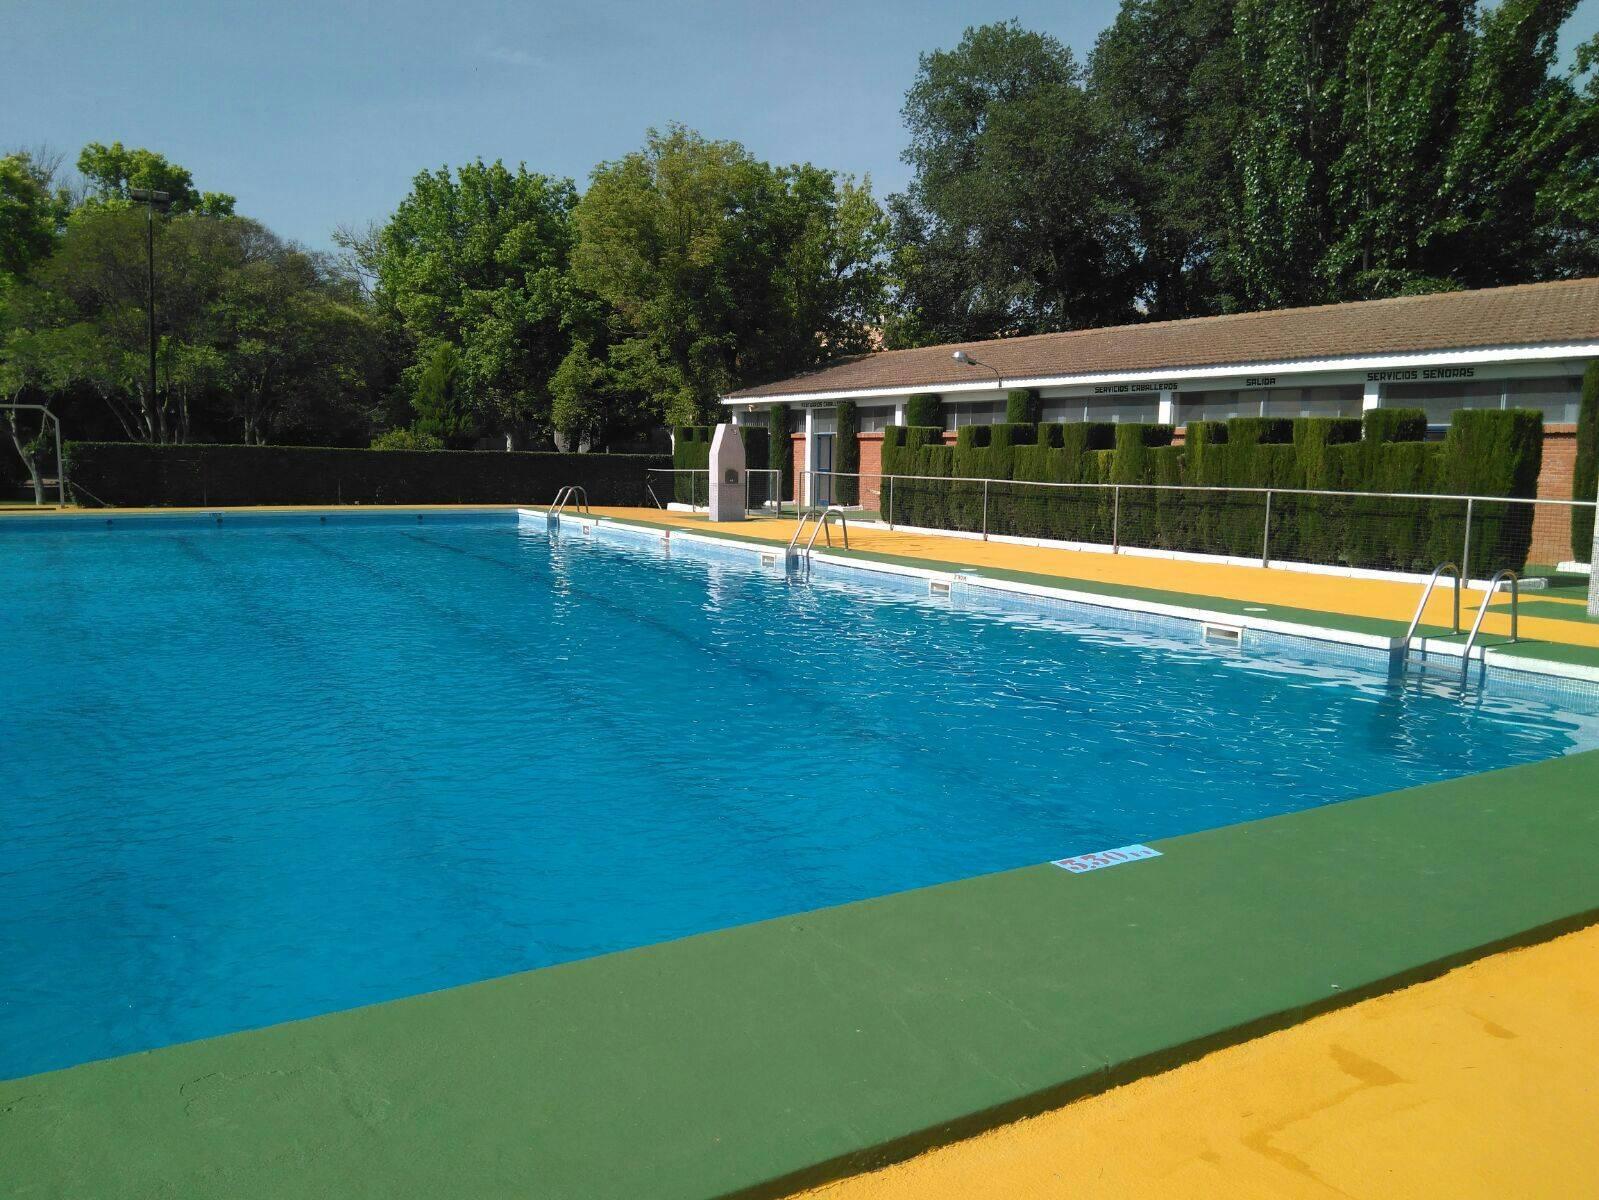 piscina municipal 2017 herencia 1 - La Piscina Municipal abrirá sus puertas el 15 de junio